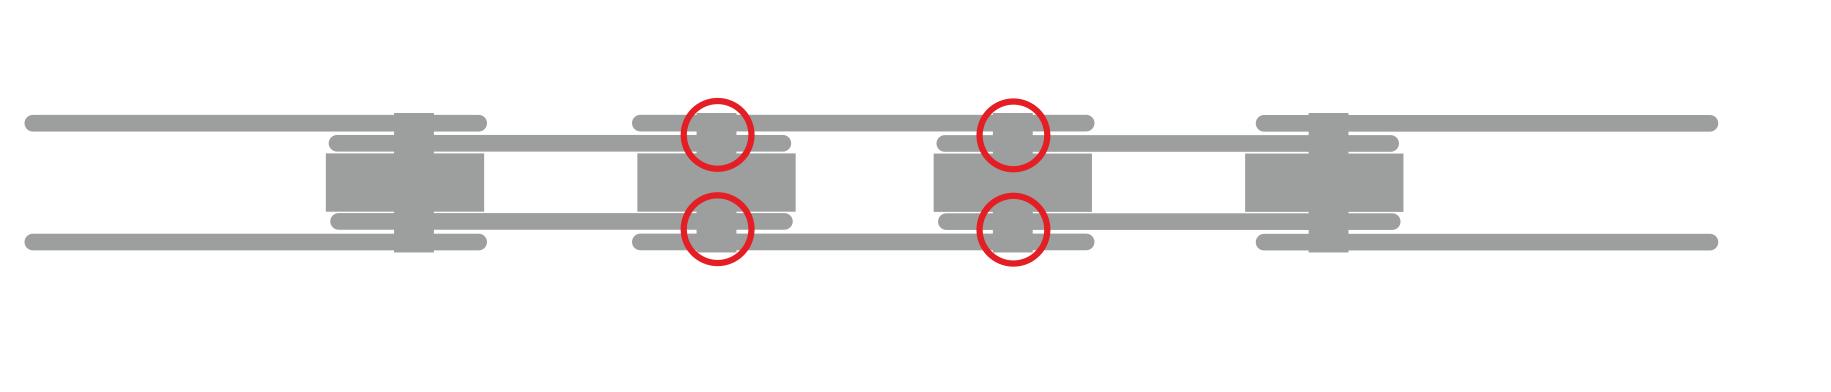 porady-rowerowe-jak-smarowac-lancuch-grafika